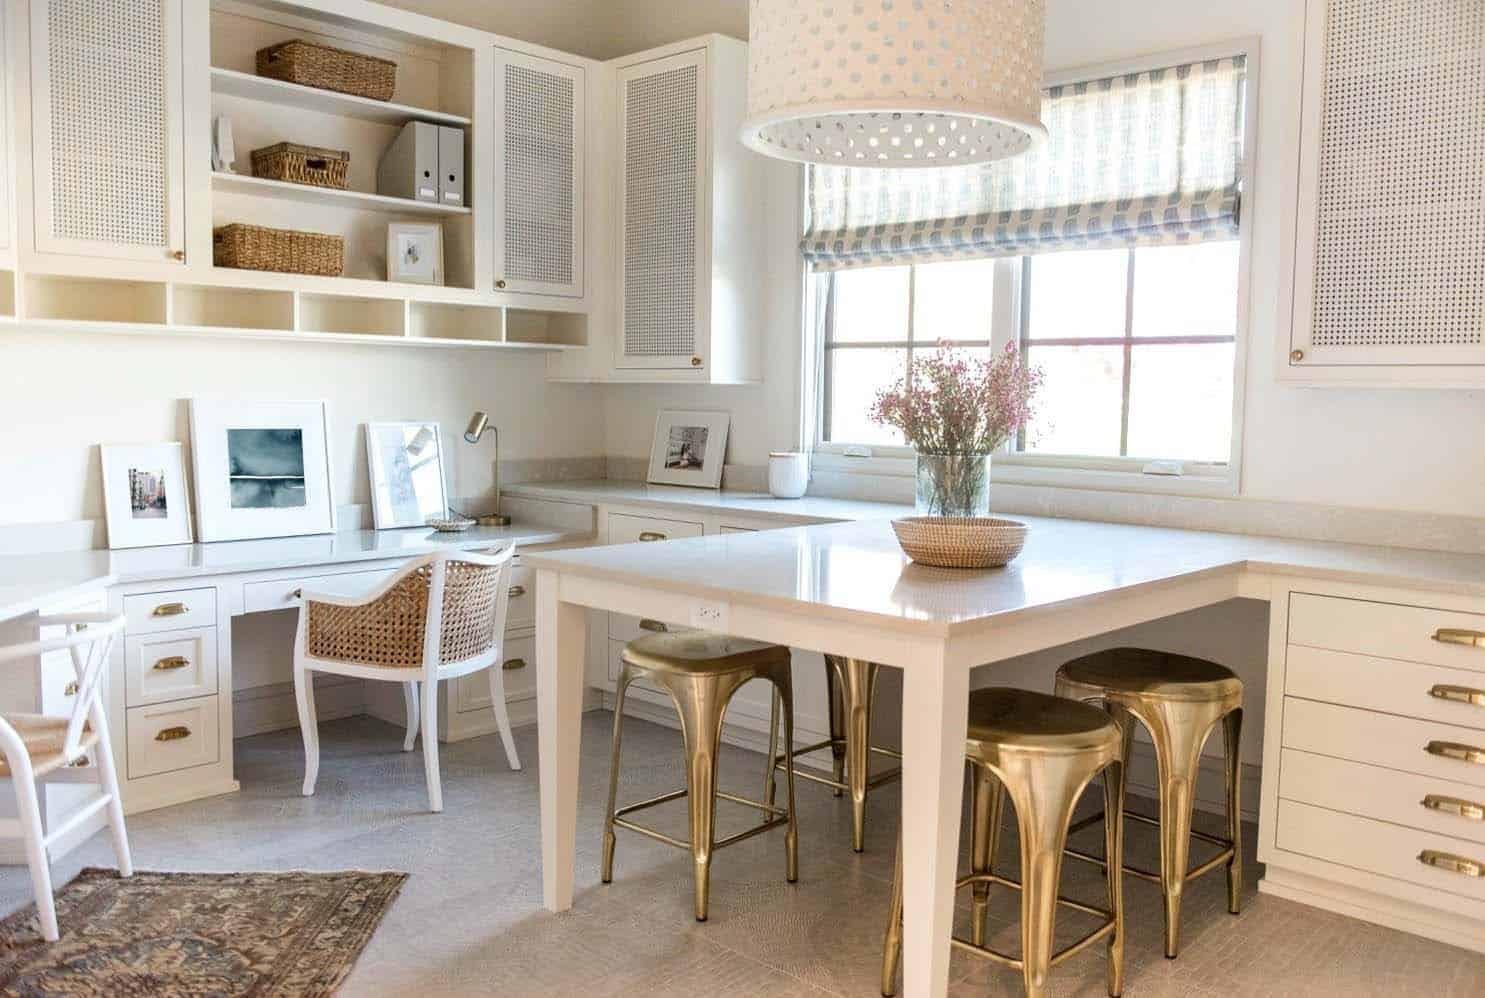 chambre-artisanale-maison-familiale-transitionnelle